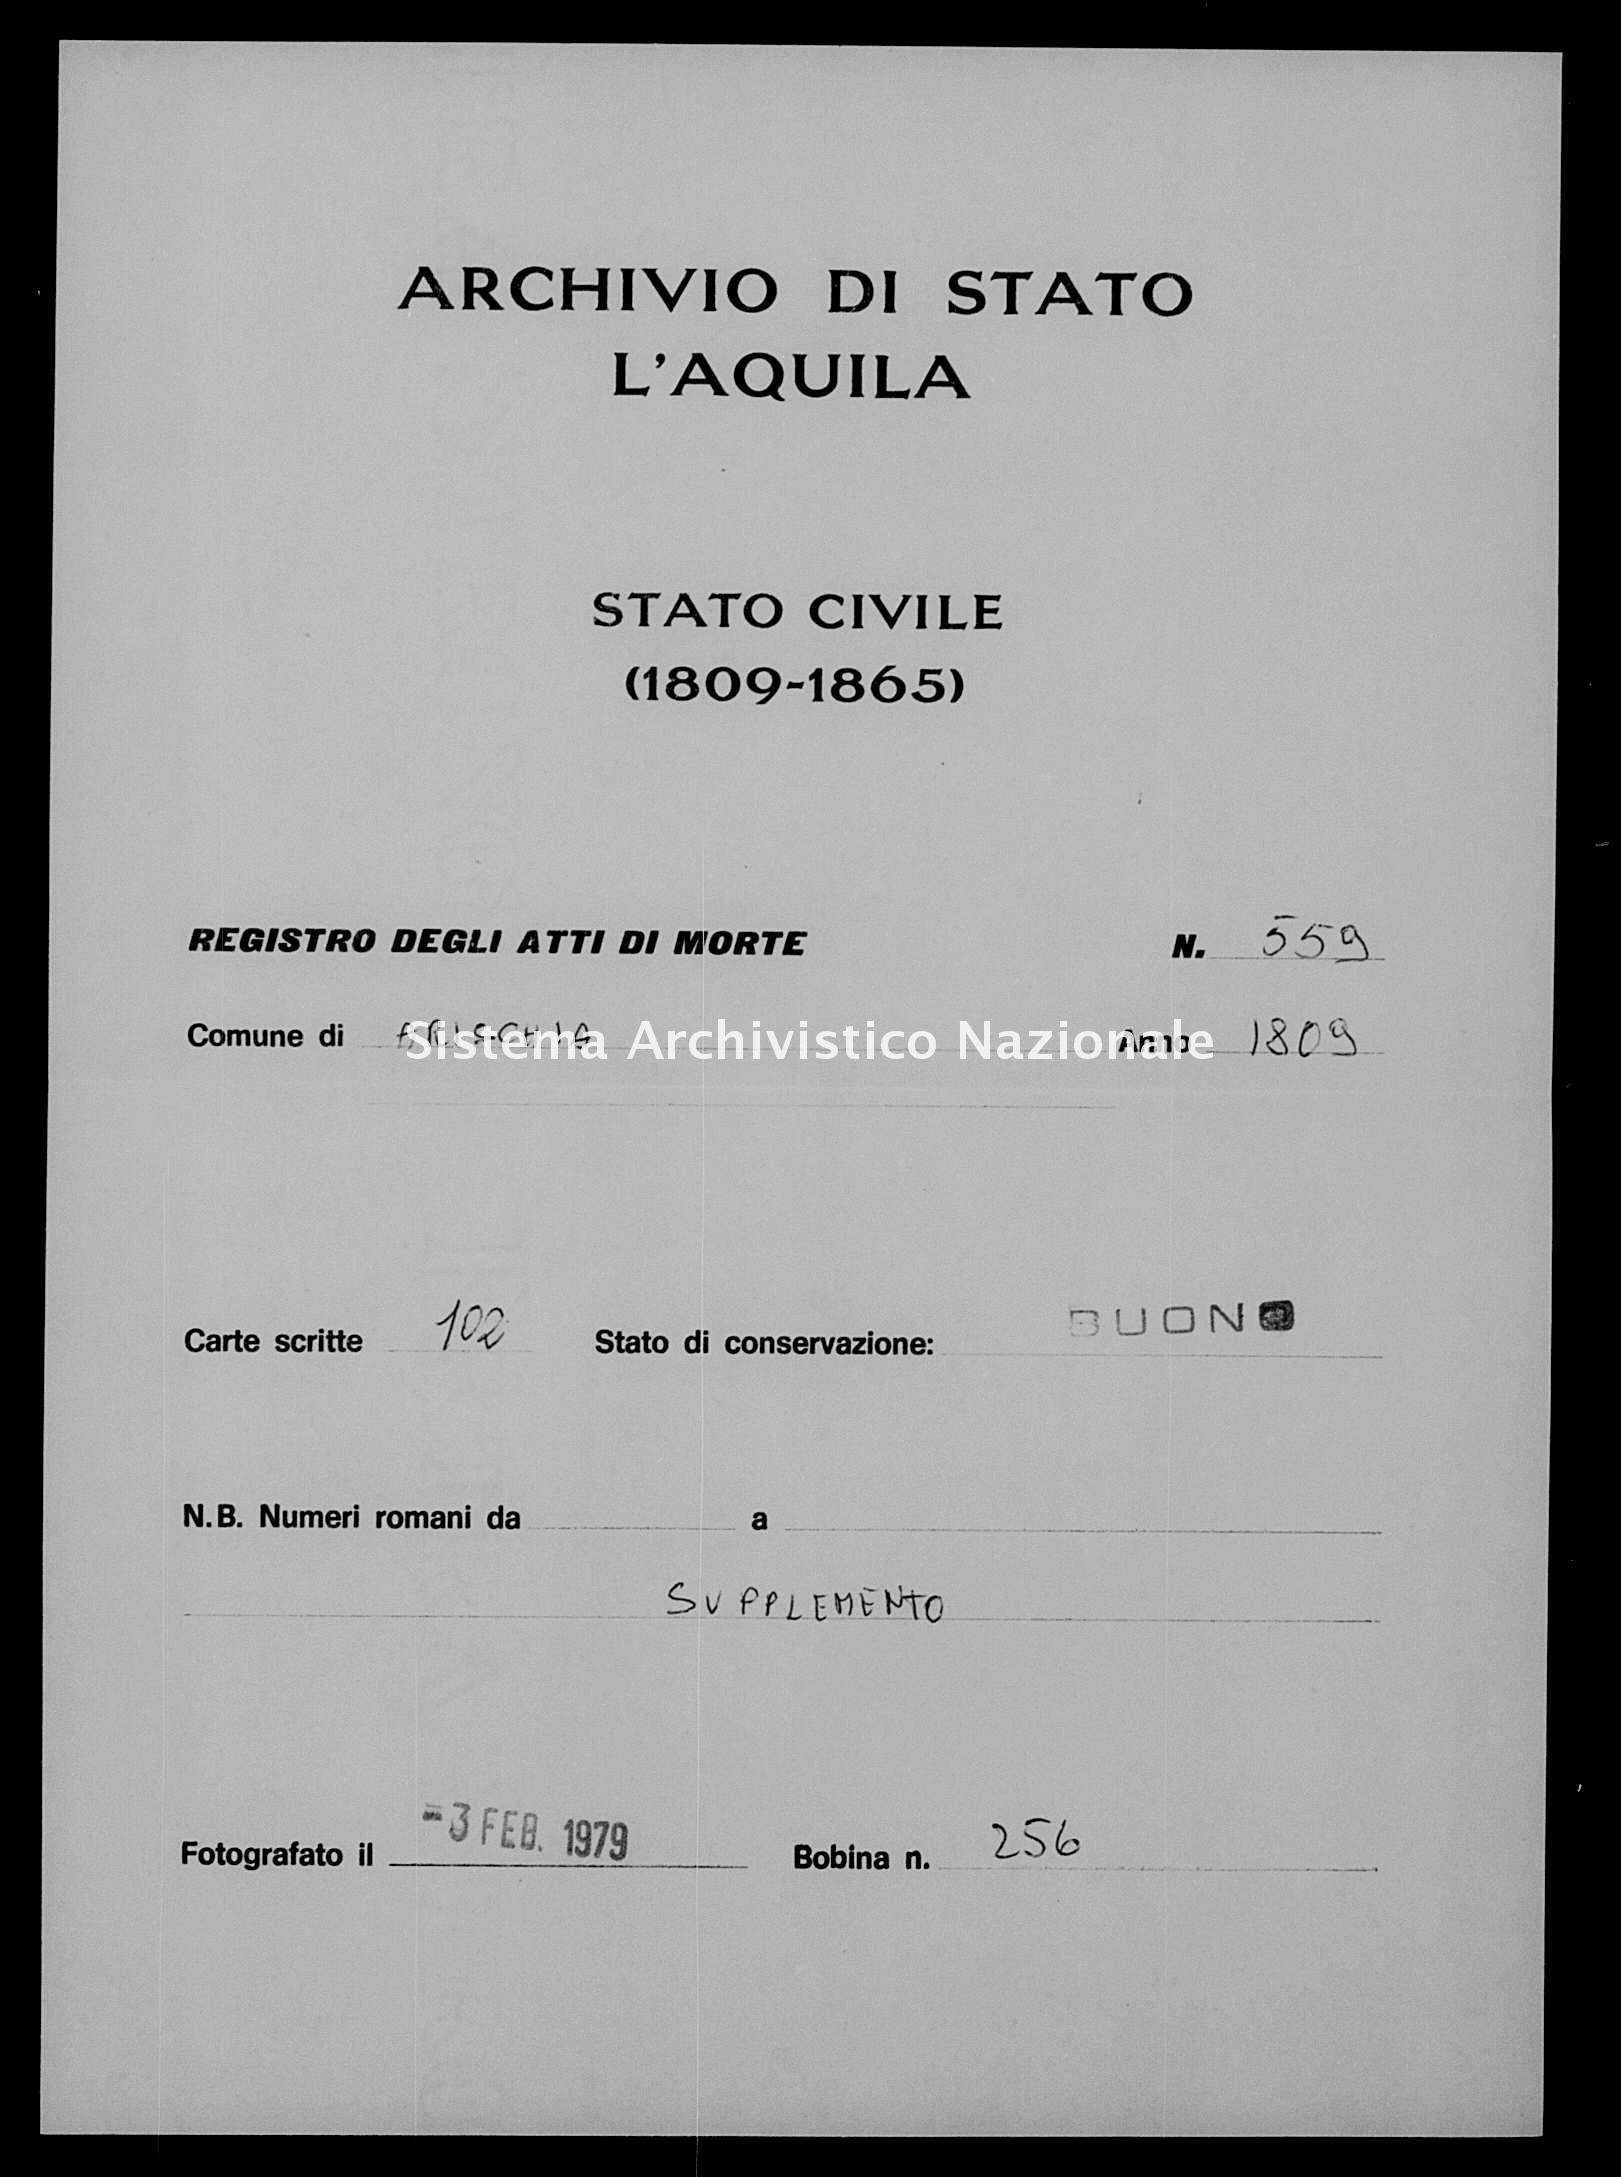 Archivio di stato di L'aquila - Stato civile napoleonico - Arischia - Morti, dichiarazioni - 1809 - 559 -